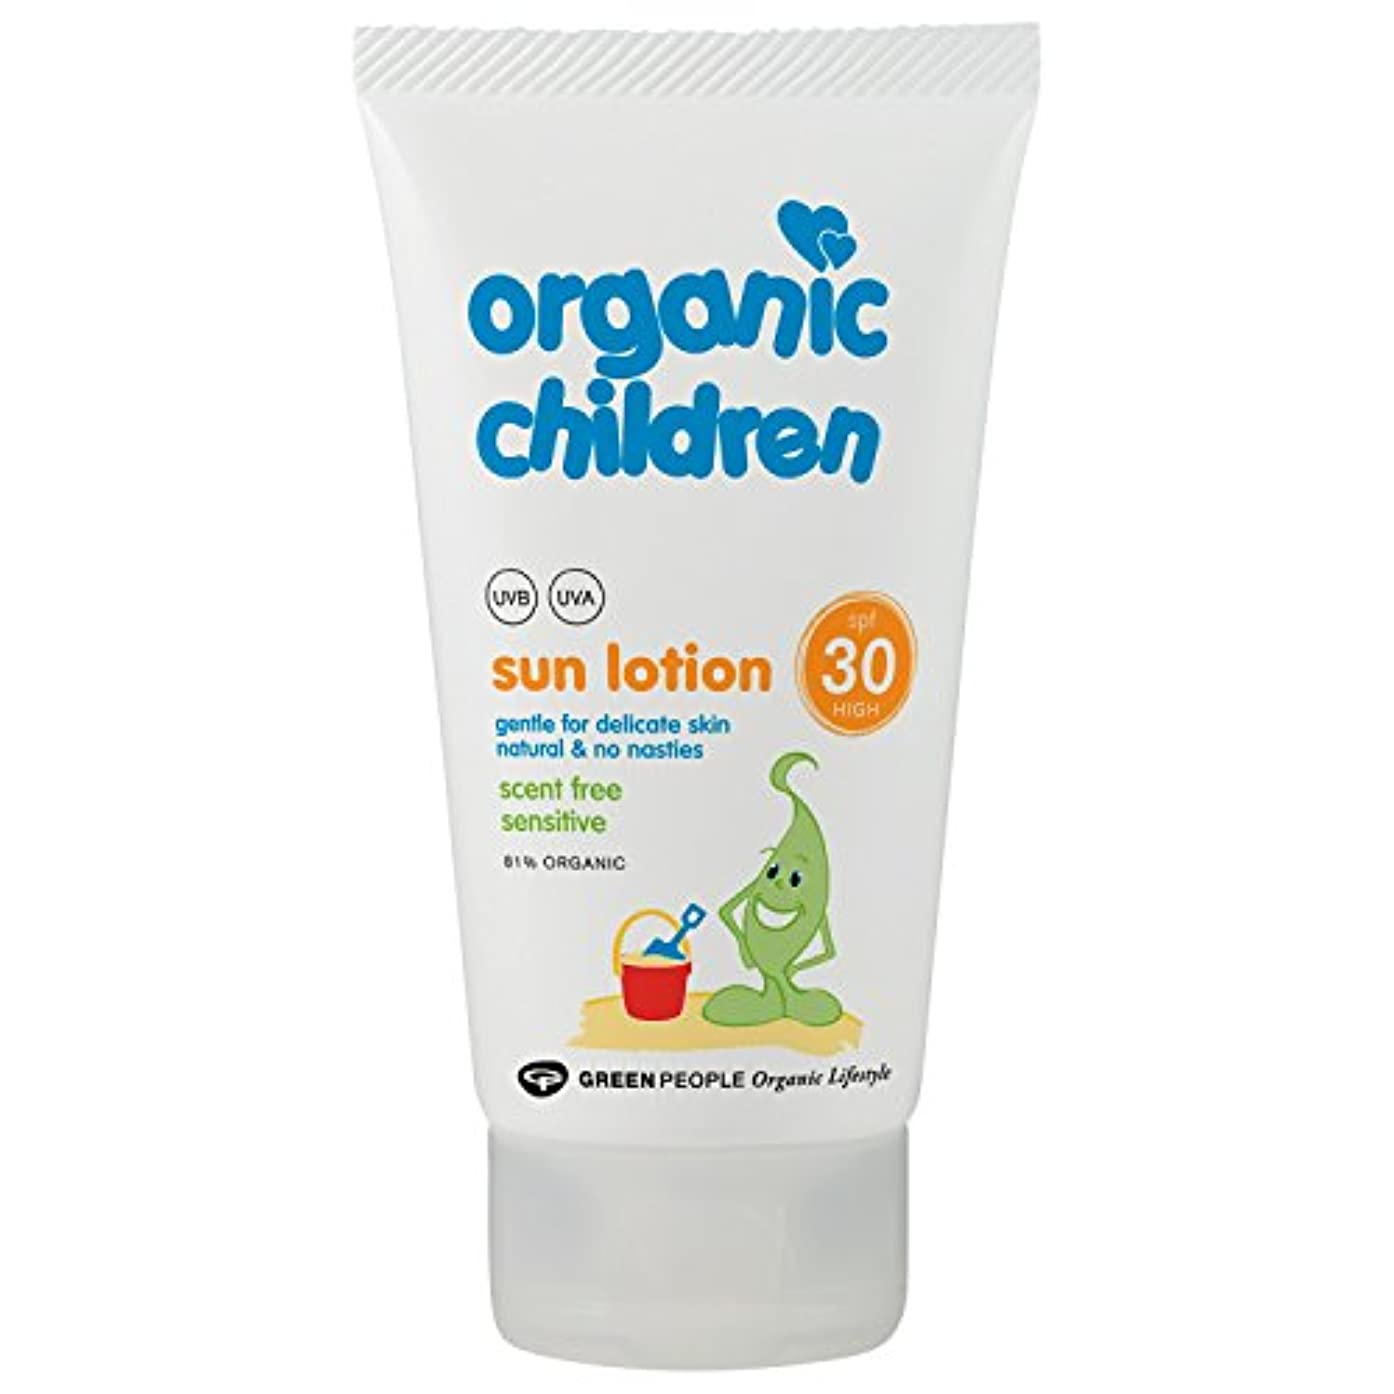 乞食吸収剤申し込むOrganic Children SPF 30 Sun Lotion 150g - 有機子どもたちは30日のローション150グラムを [並行輸入品]